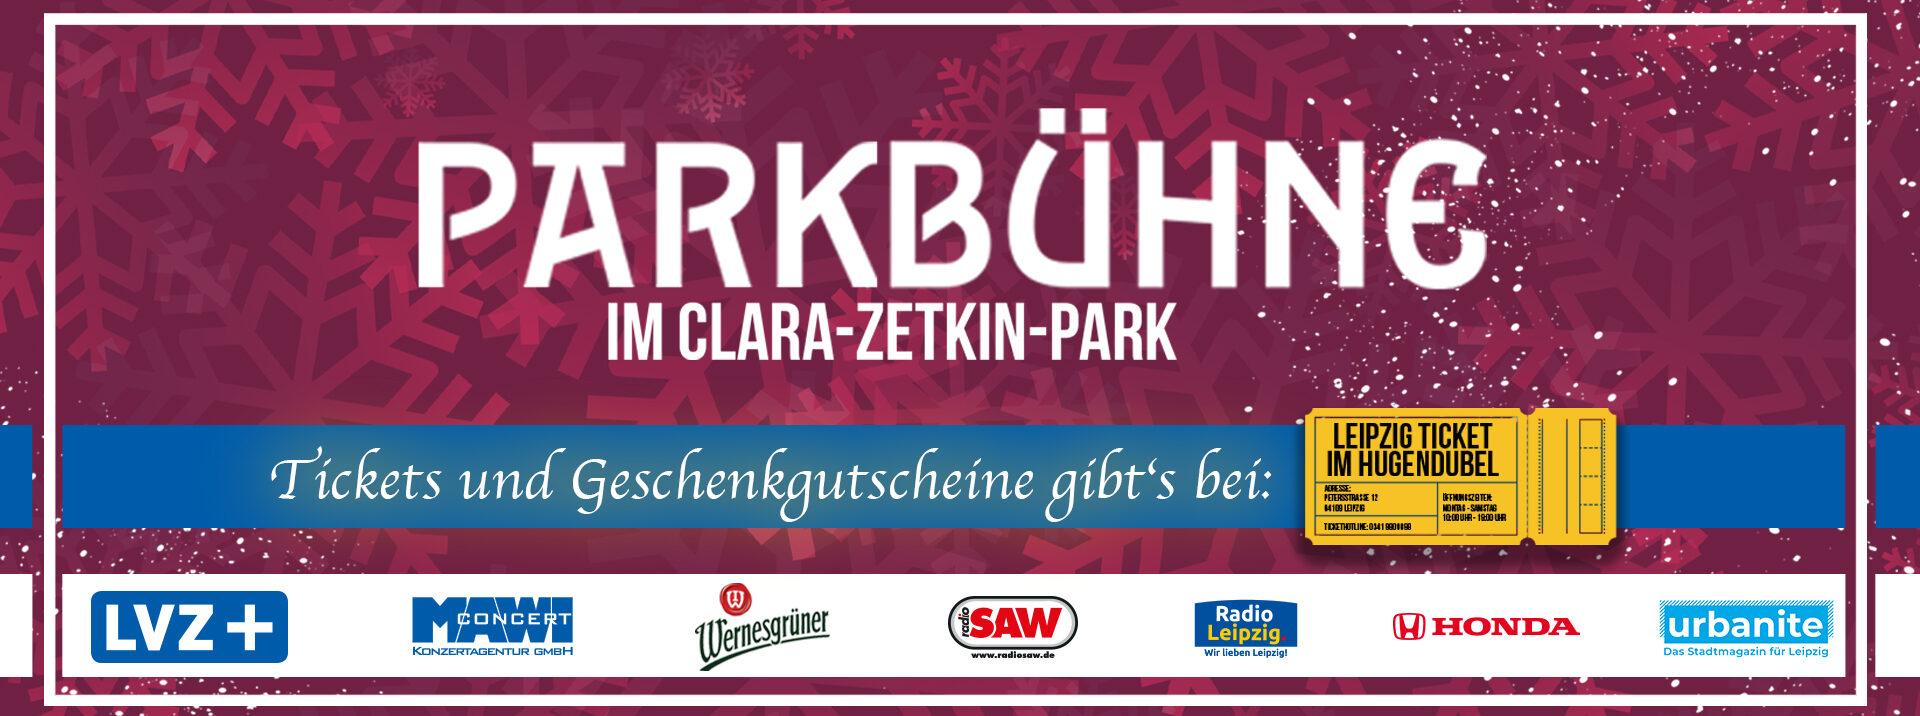 ACHTUNG! Der Termin am 5.11.20 in Leipzig wurde verlegt auf den 29.4.21! Bereits gekaufte Karten behalten ihre Gültigkeit für den neuen Termin.